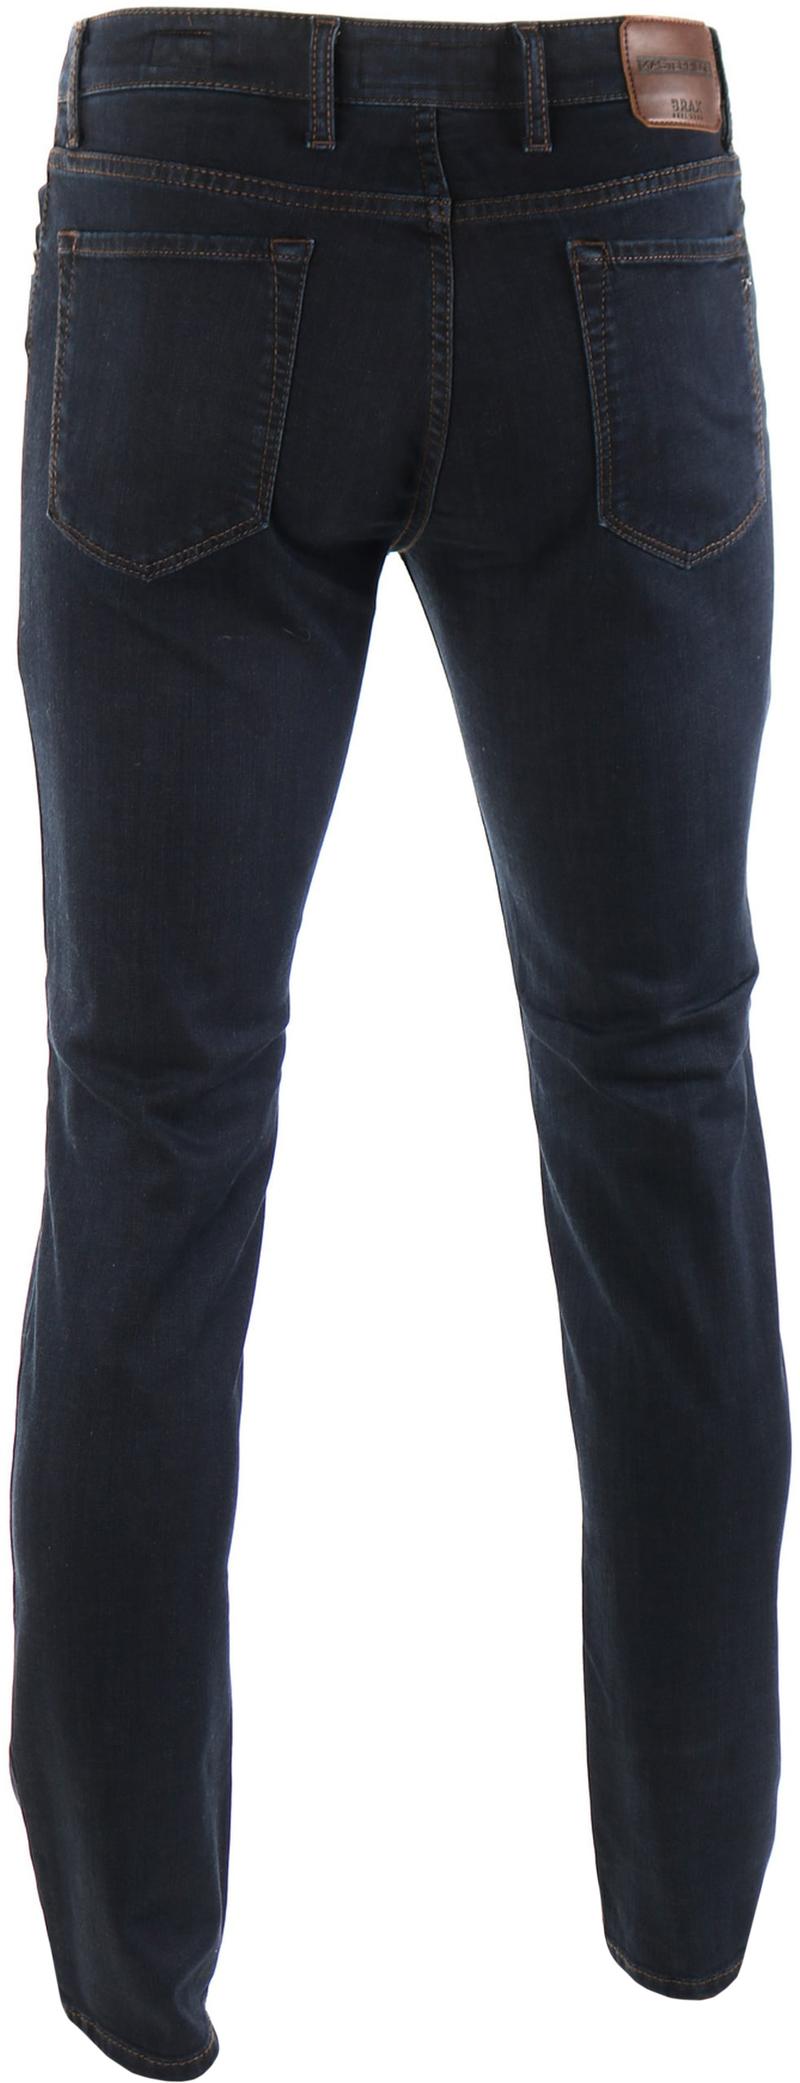 Brax Chuck Jeans Regular Fit foto 3